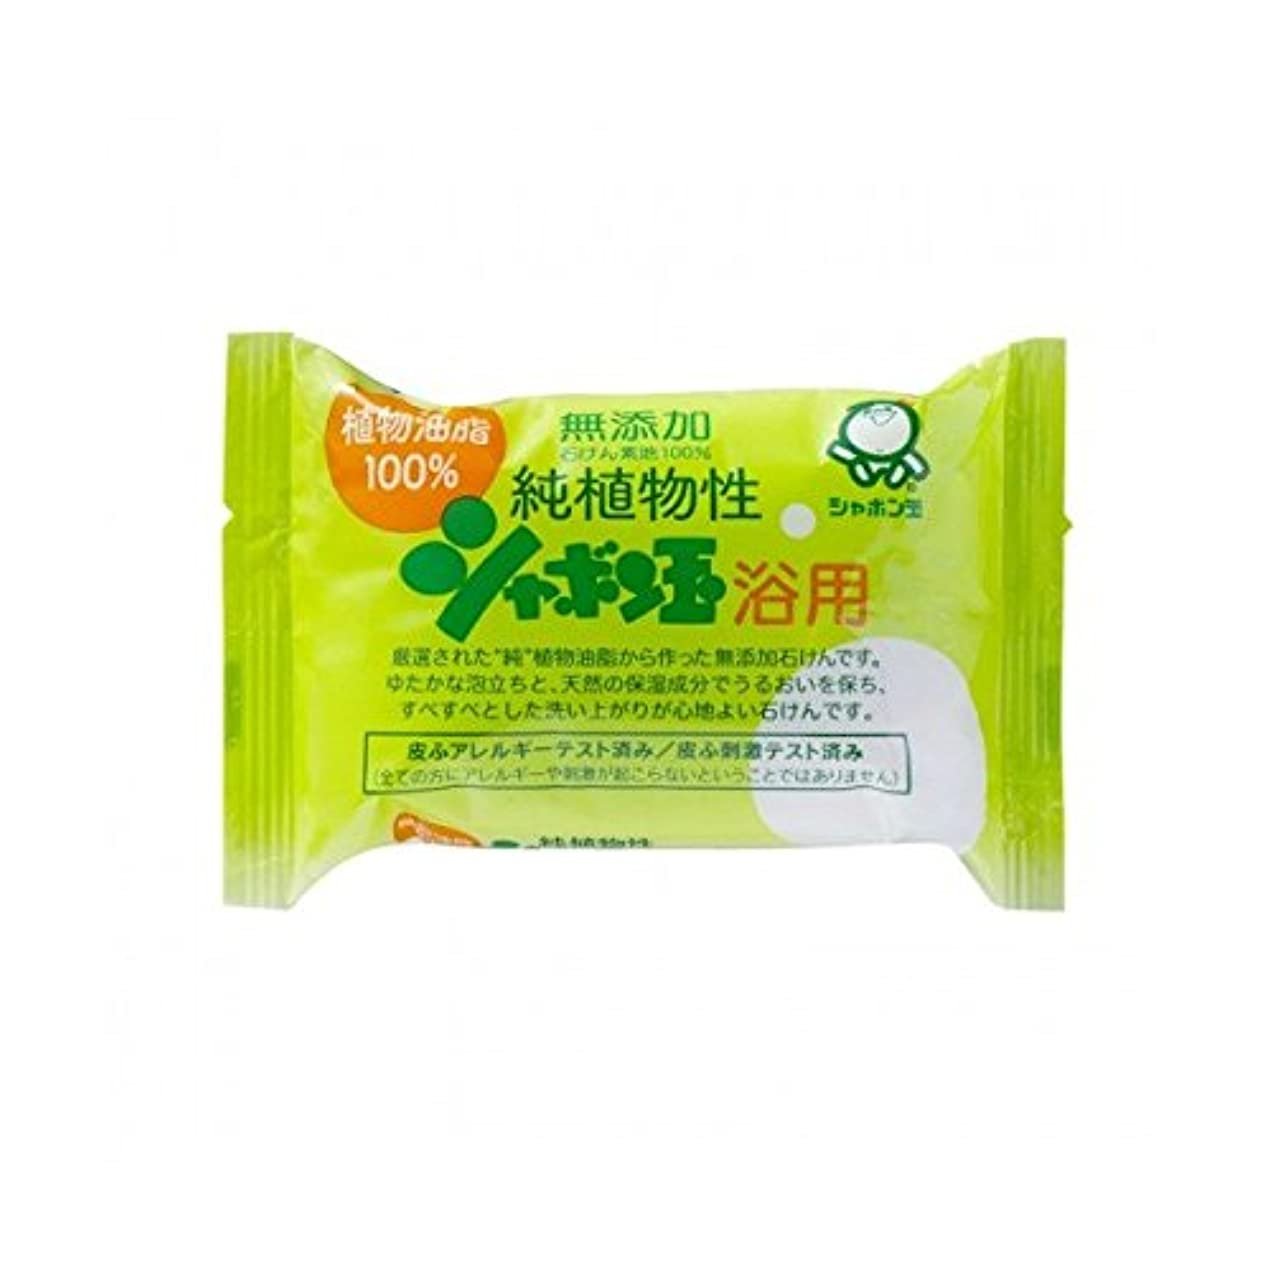 したがって肩をすくめる折り目シャボン玉石けん シャボン玉 純植物性 浴用 100g(無添加石鹸)×120点セット (4901797003013)